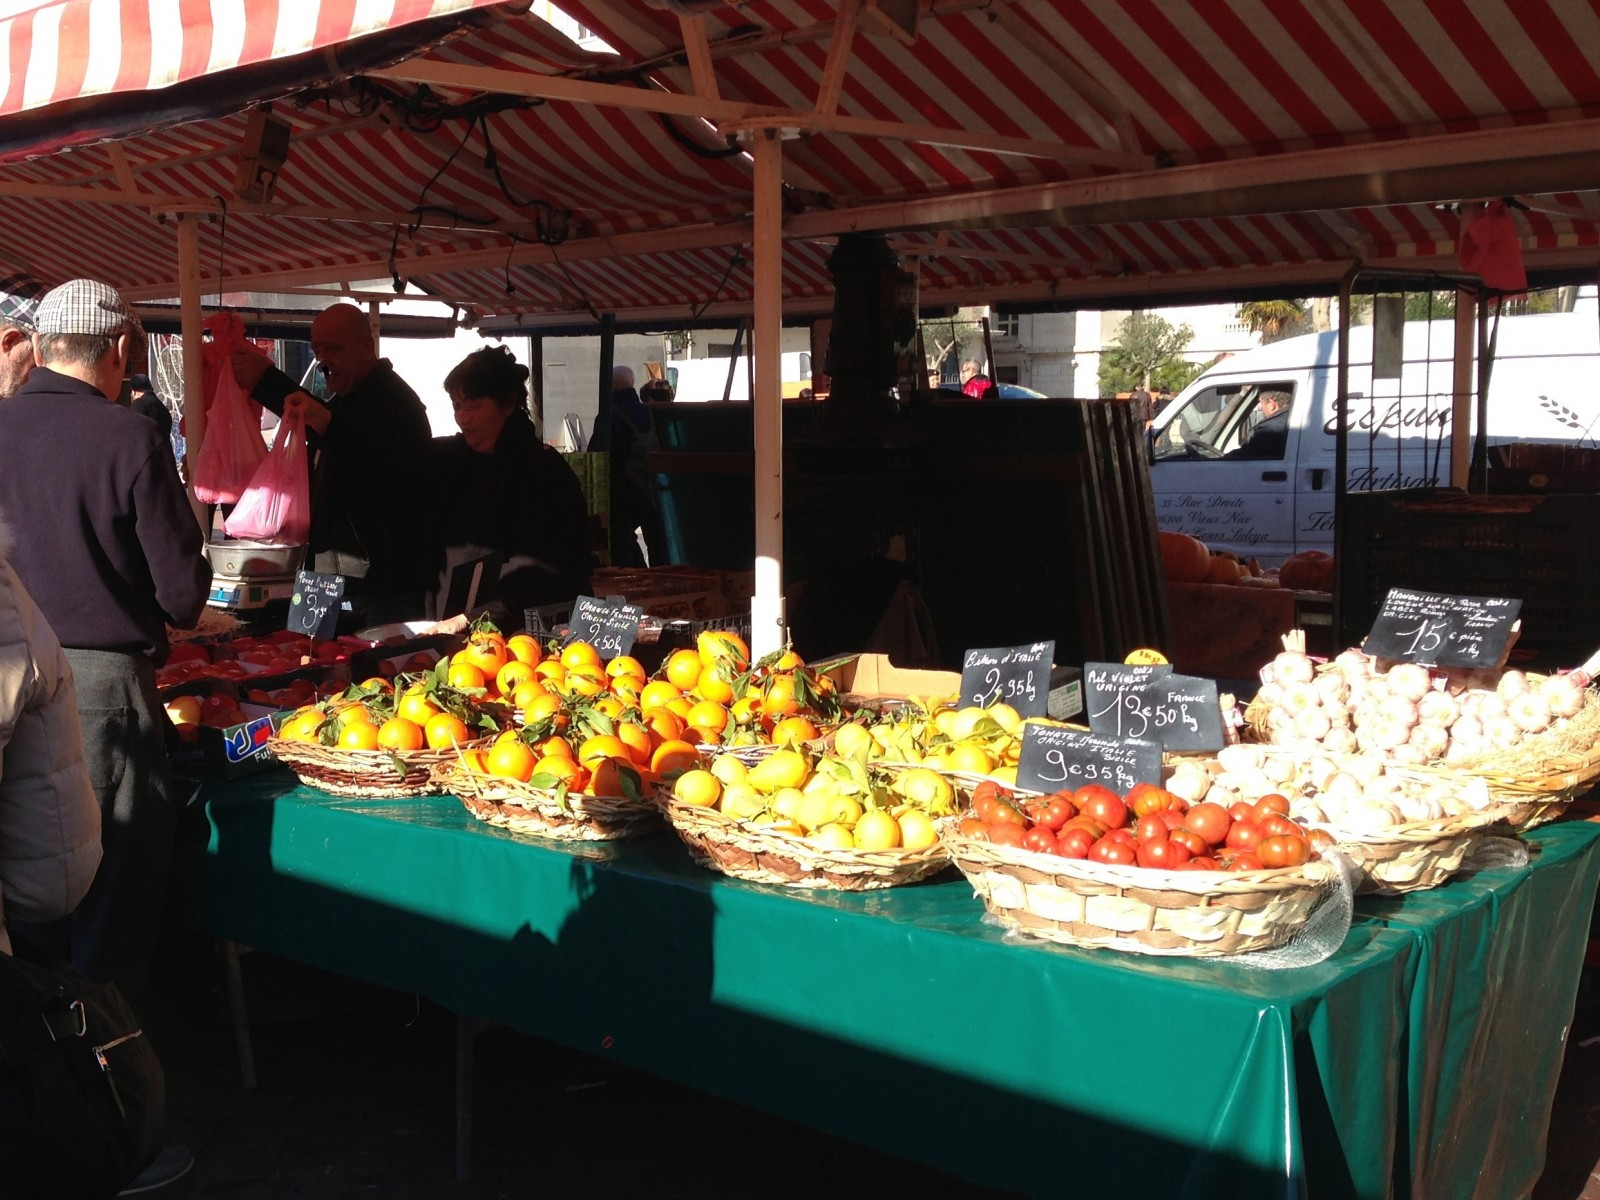 モナコ・ニース旅行記2014 その3 ニース市内観光